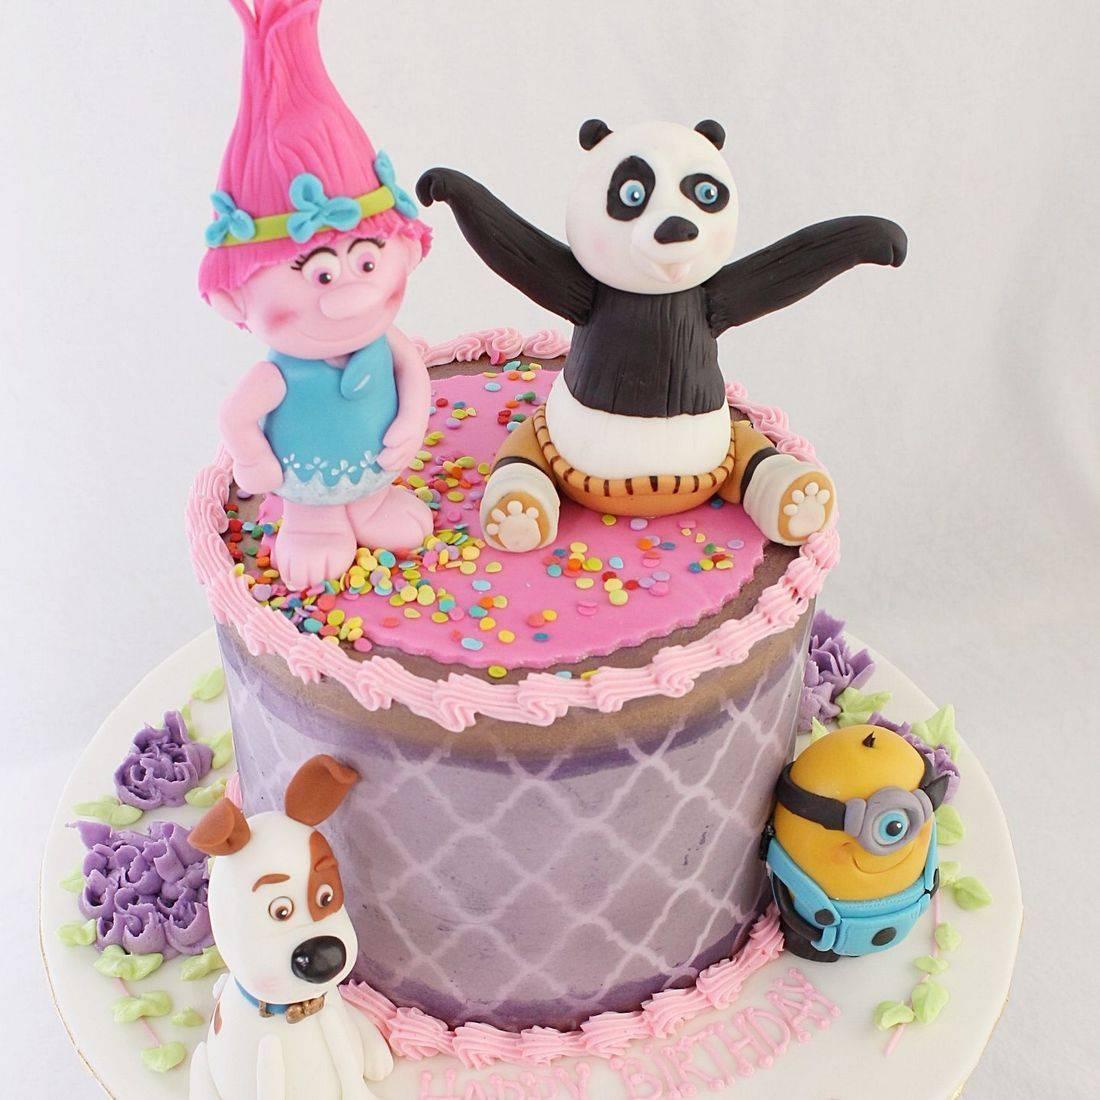 Mixed Character stylized cakes milwaukeeRetirement Fishing Cake